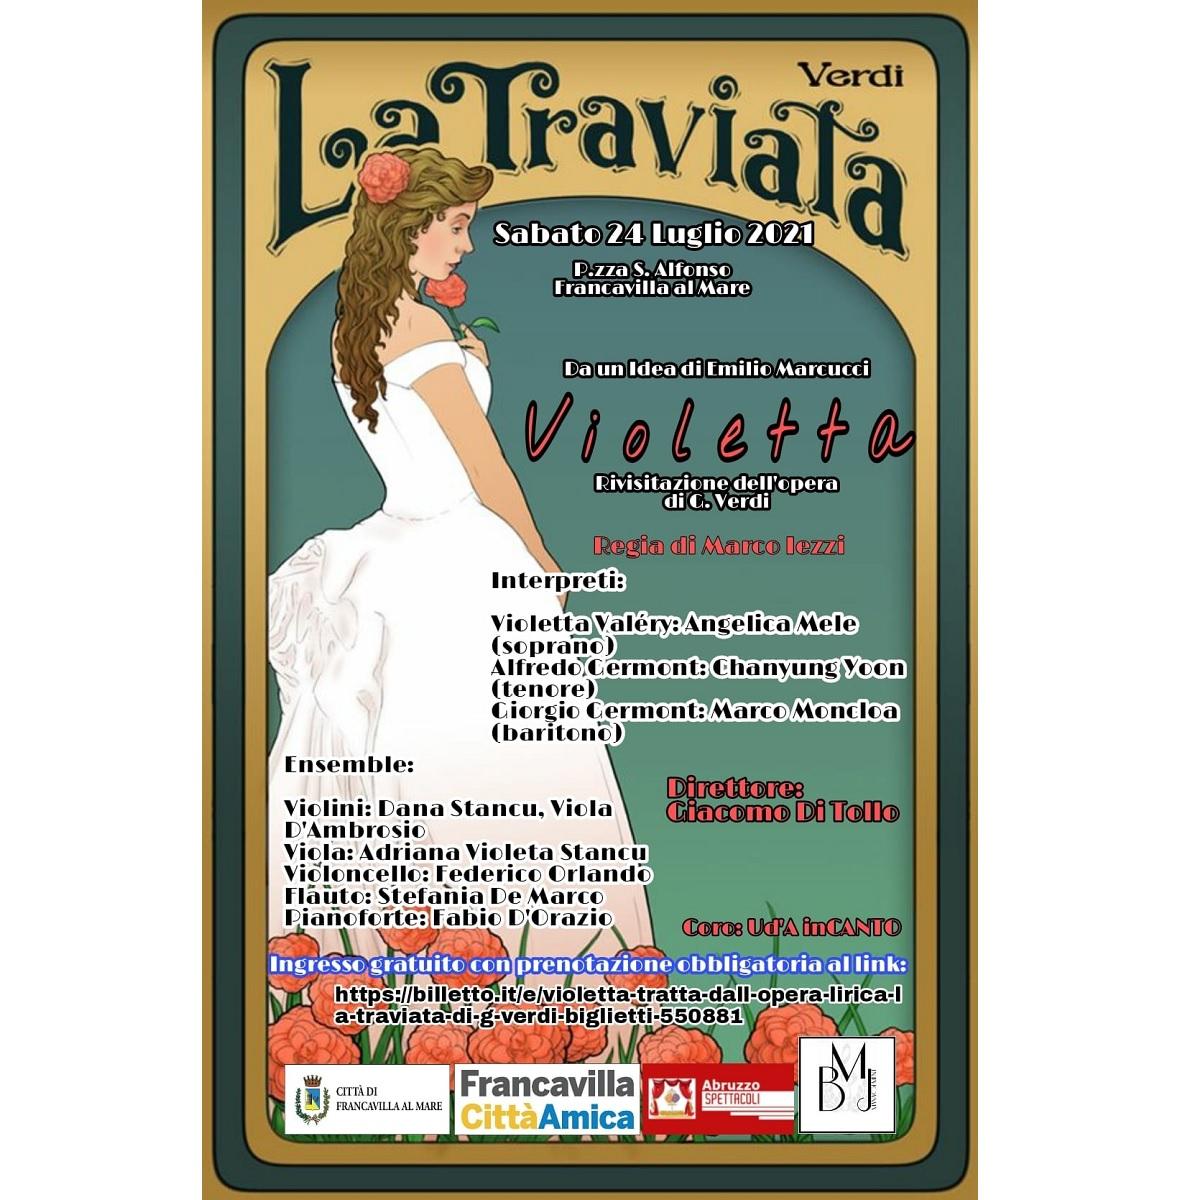 Violetta La Traviata di Giuseppe Verdi sabato 24 luglio 2021 foto